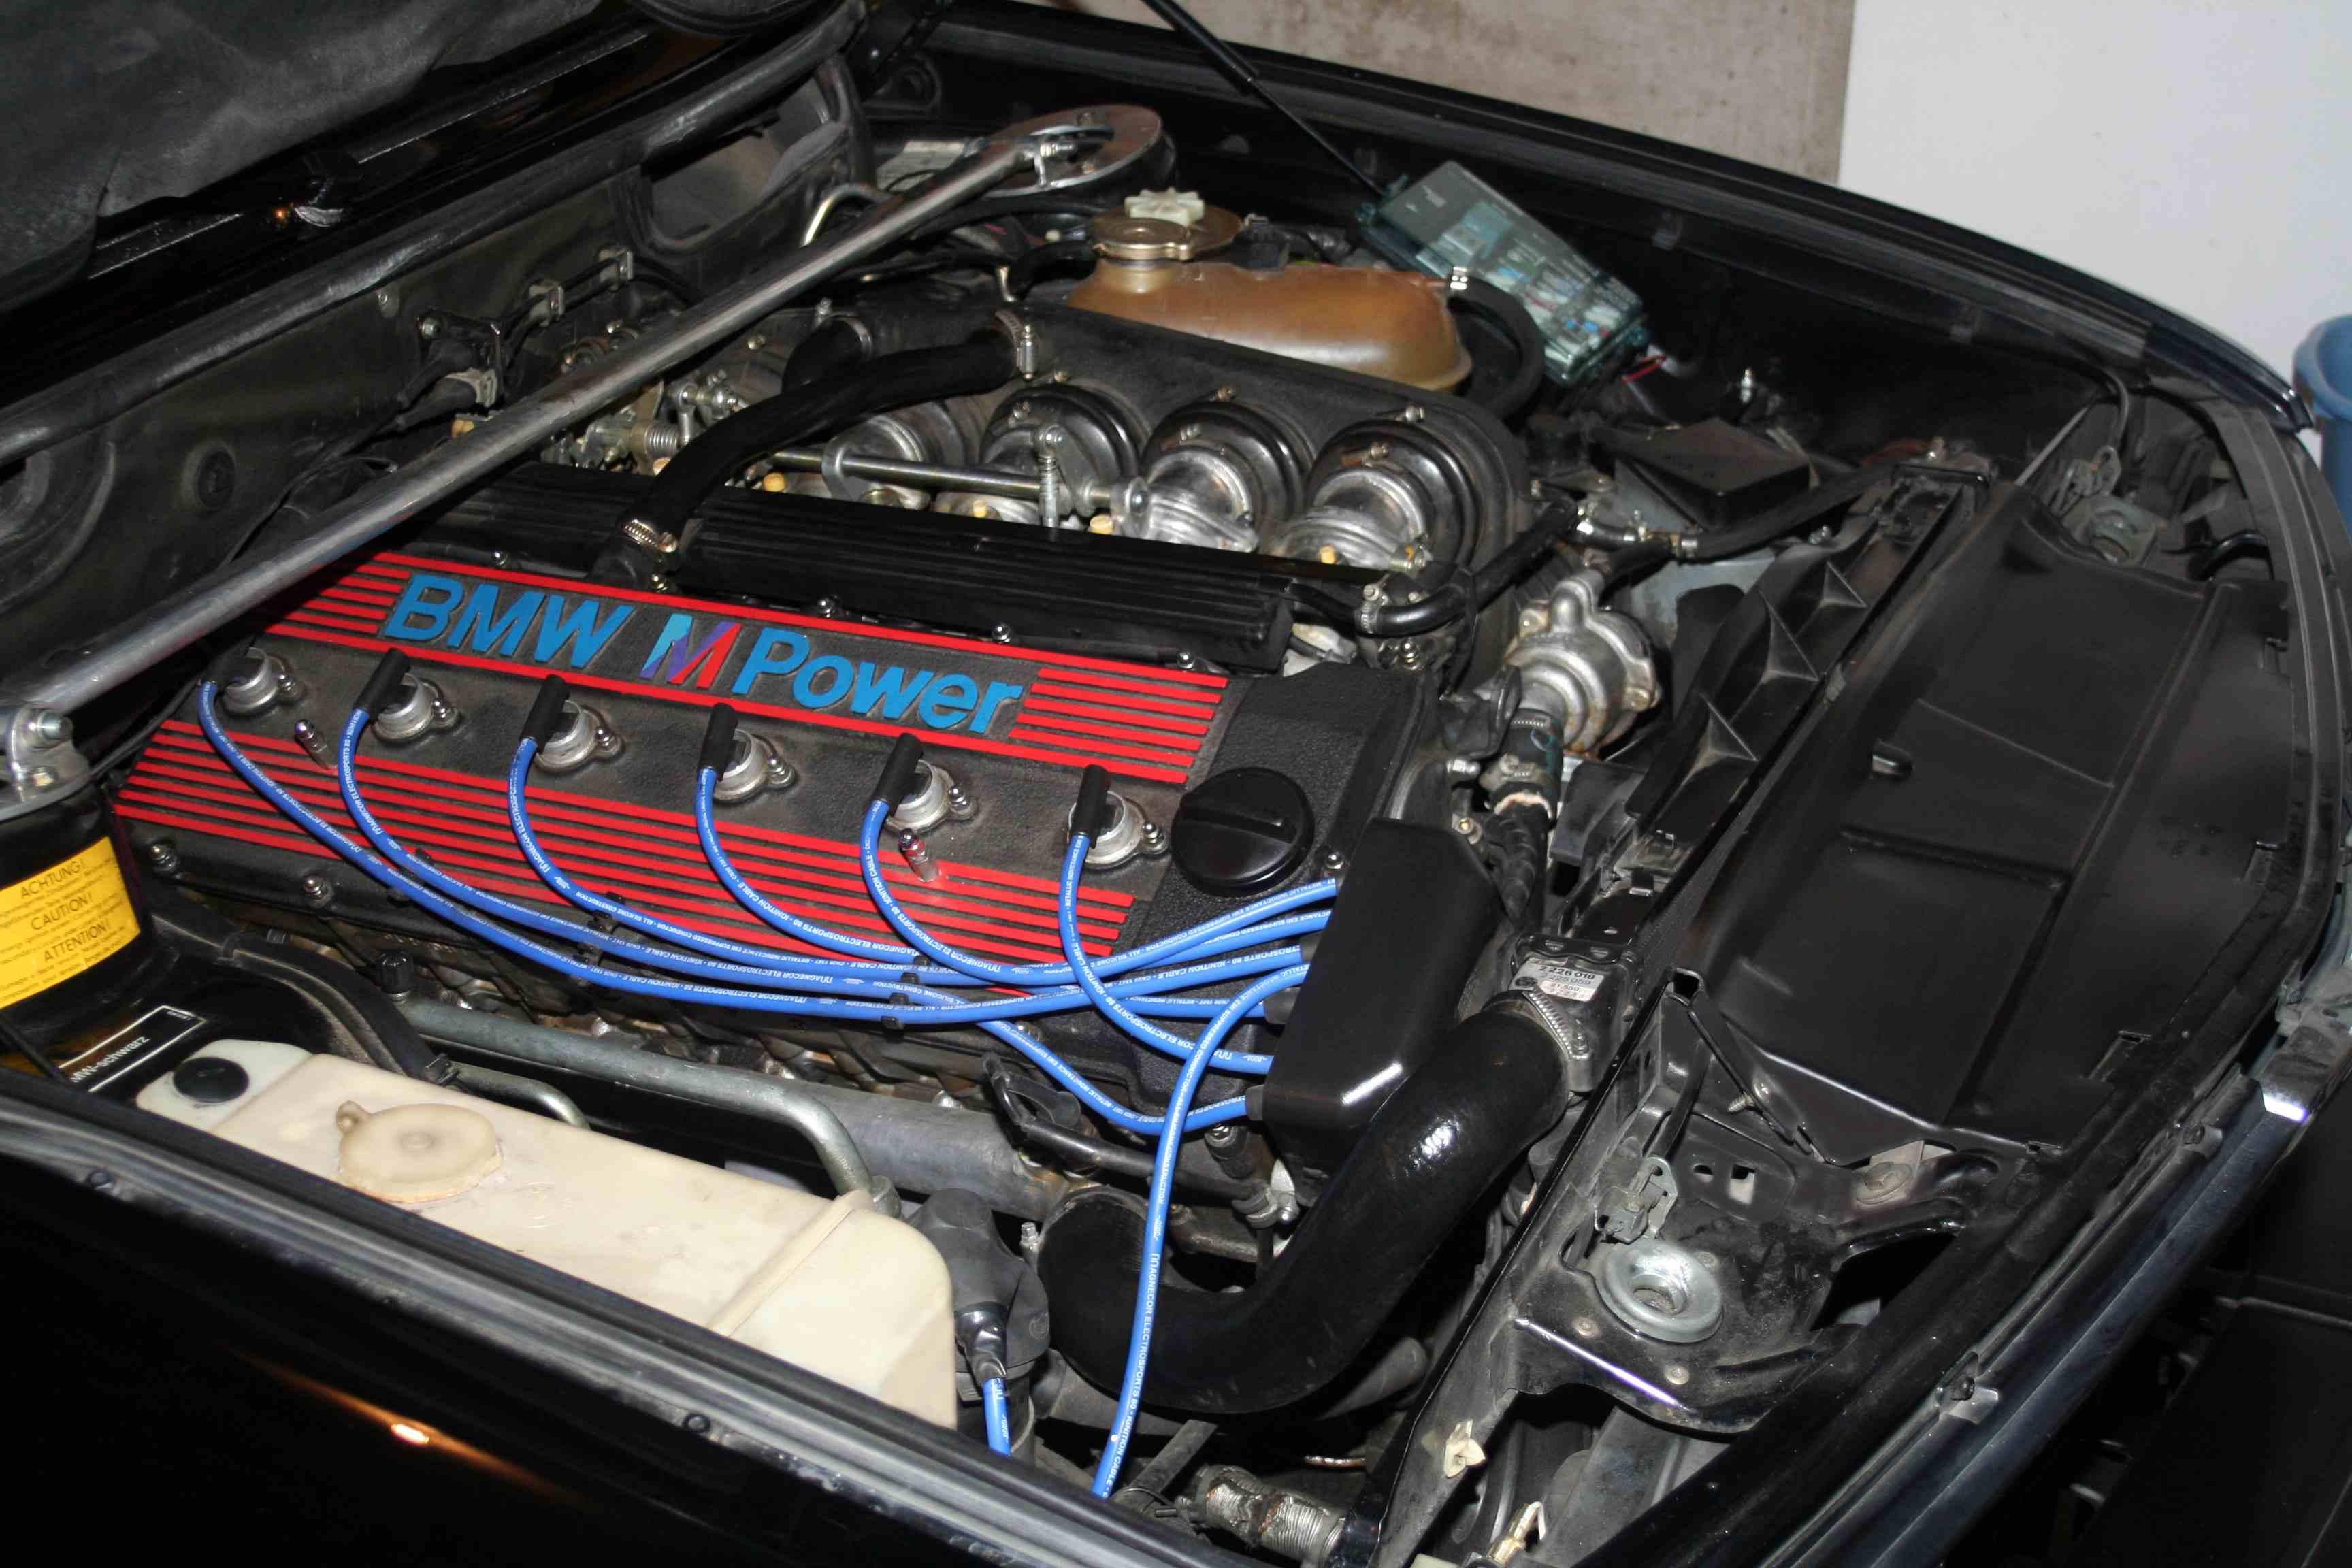 West Coast  E28 M5 for sale  blkblk USA model  BMW M5 Forum